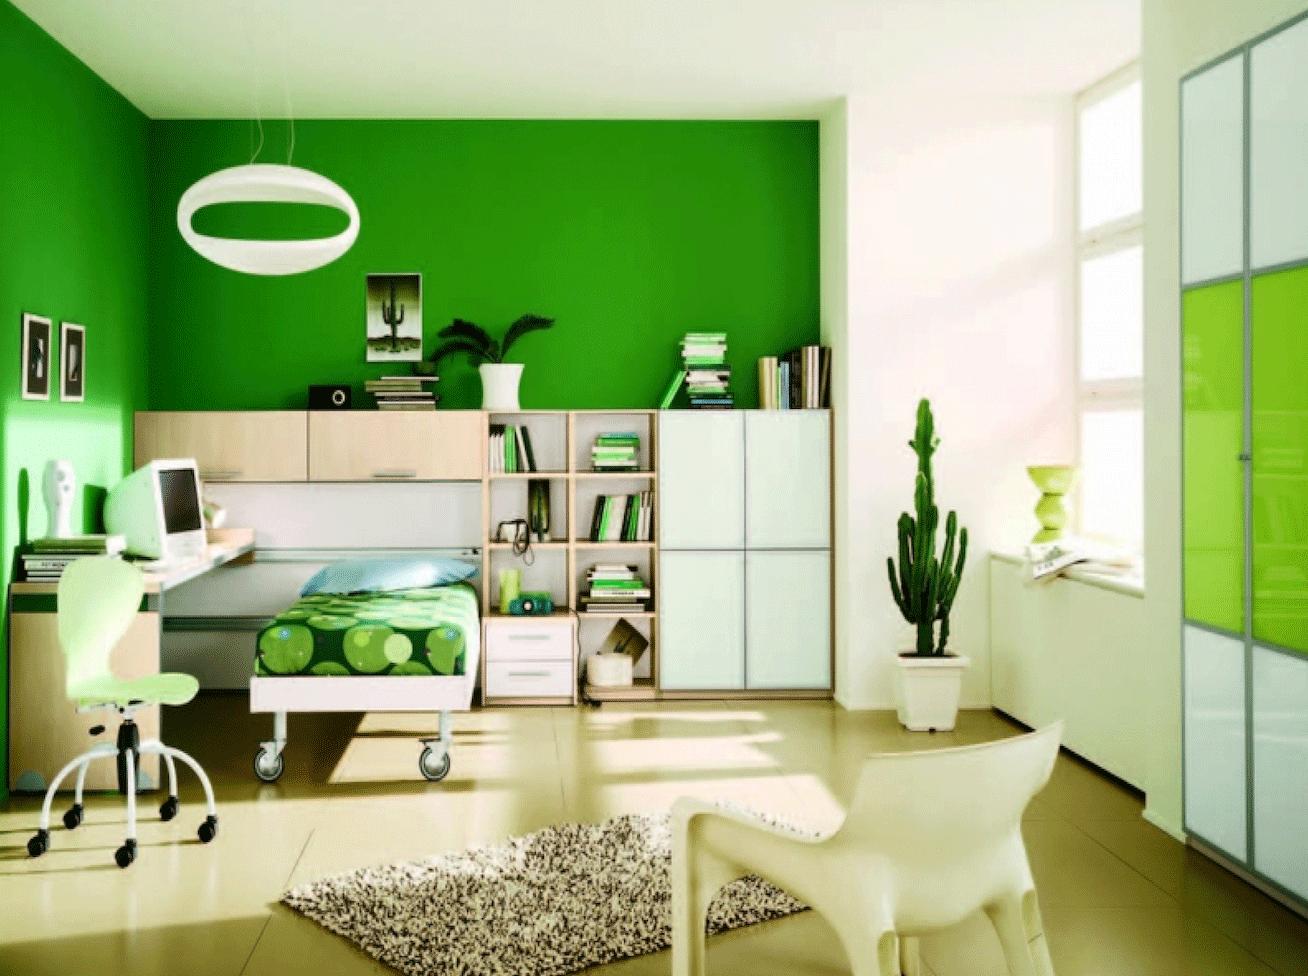 scegliere-colori-stanze-cagliari